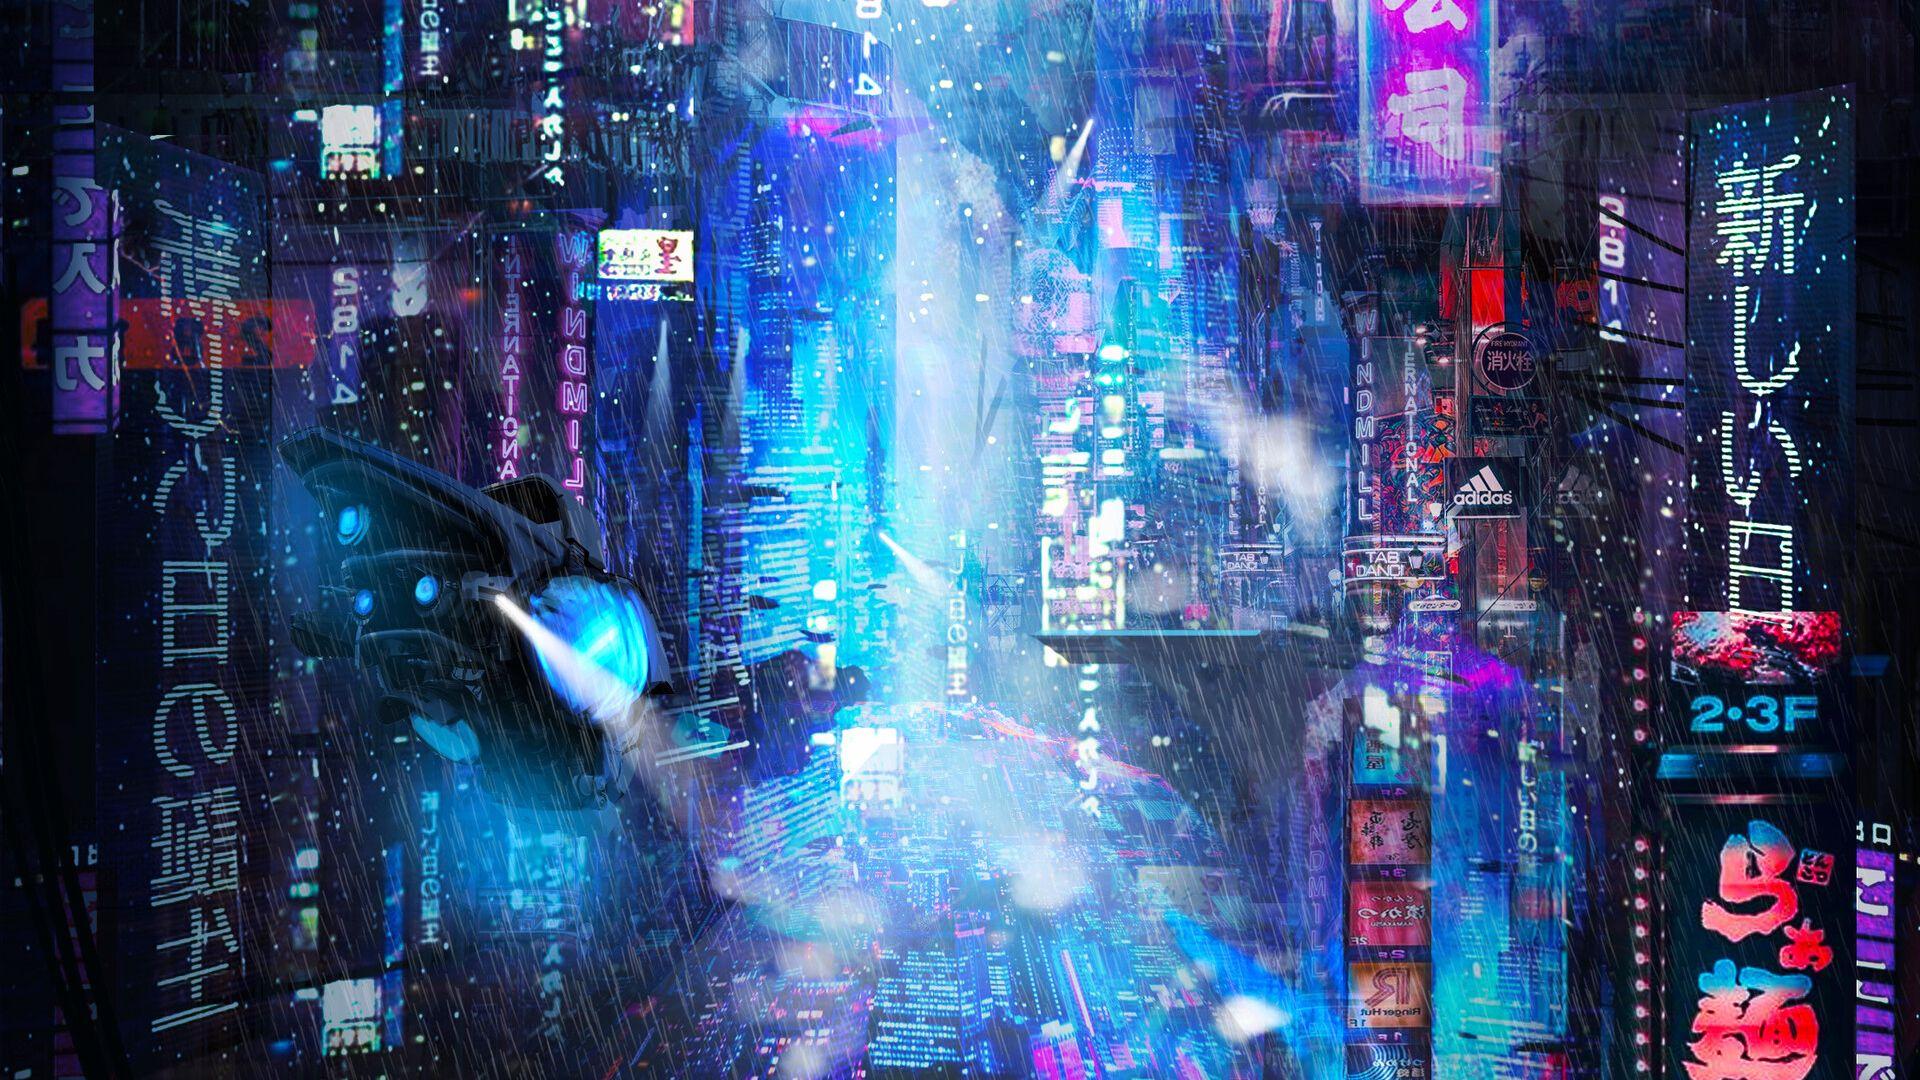 1920x1080 Wallpaper future, neon, city, rain